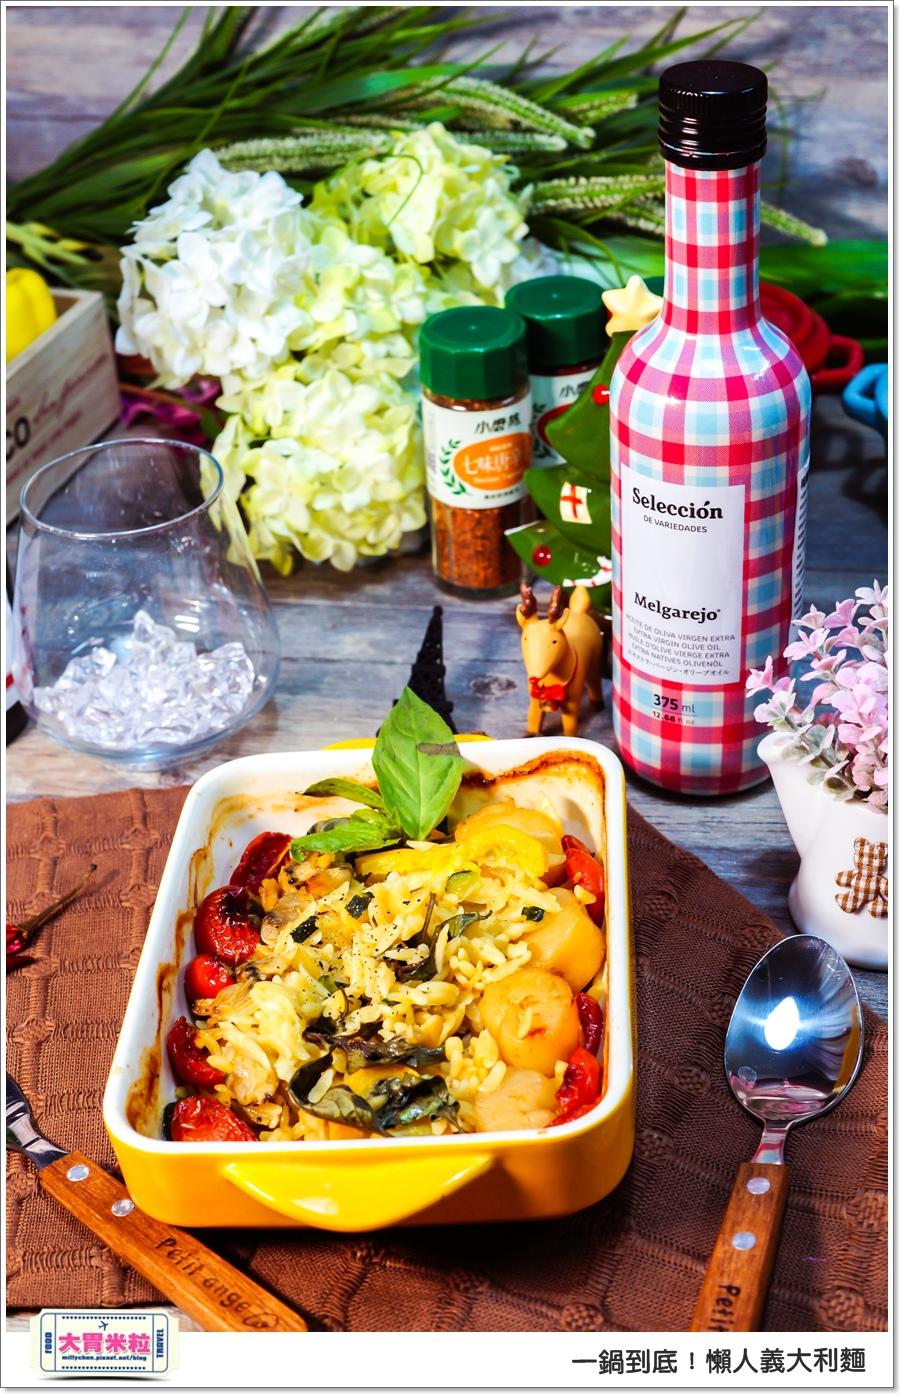 梅爾雷赫頂級初榨橄欖油食譜@懶人義大利麵食譜@大胃米粒00027.jpg